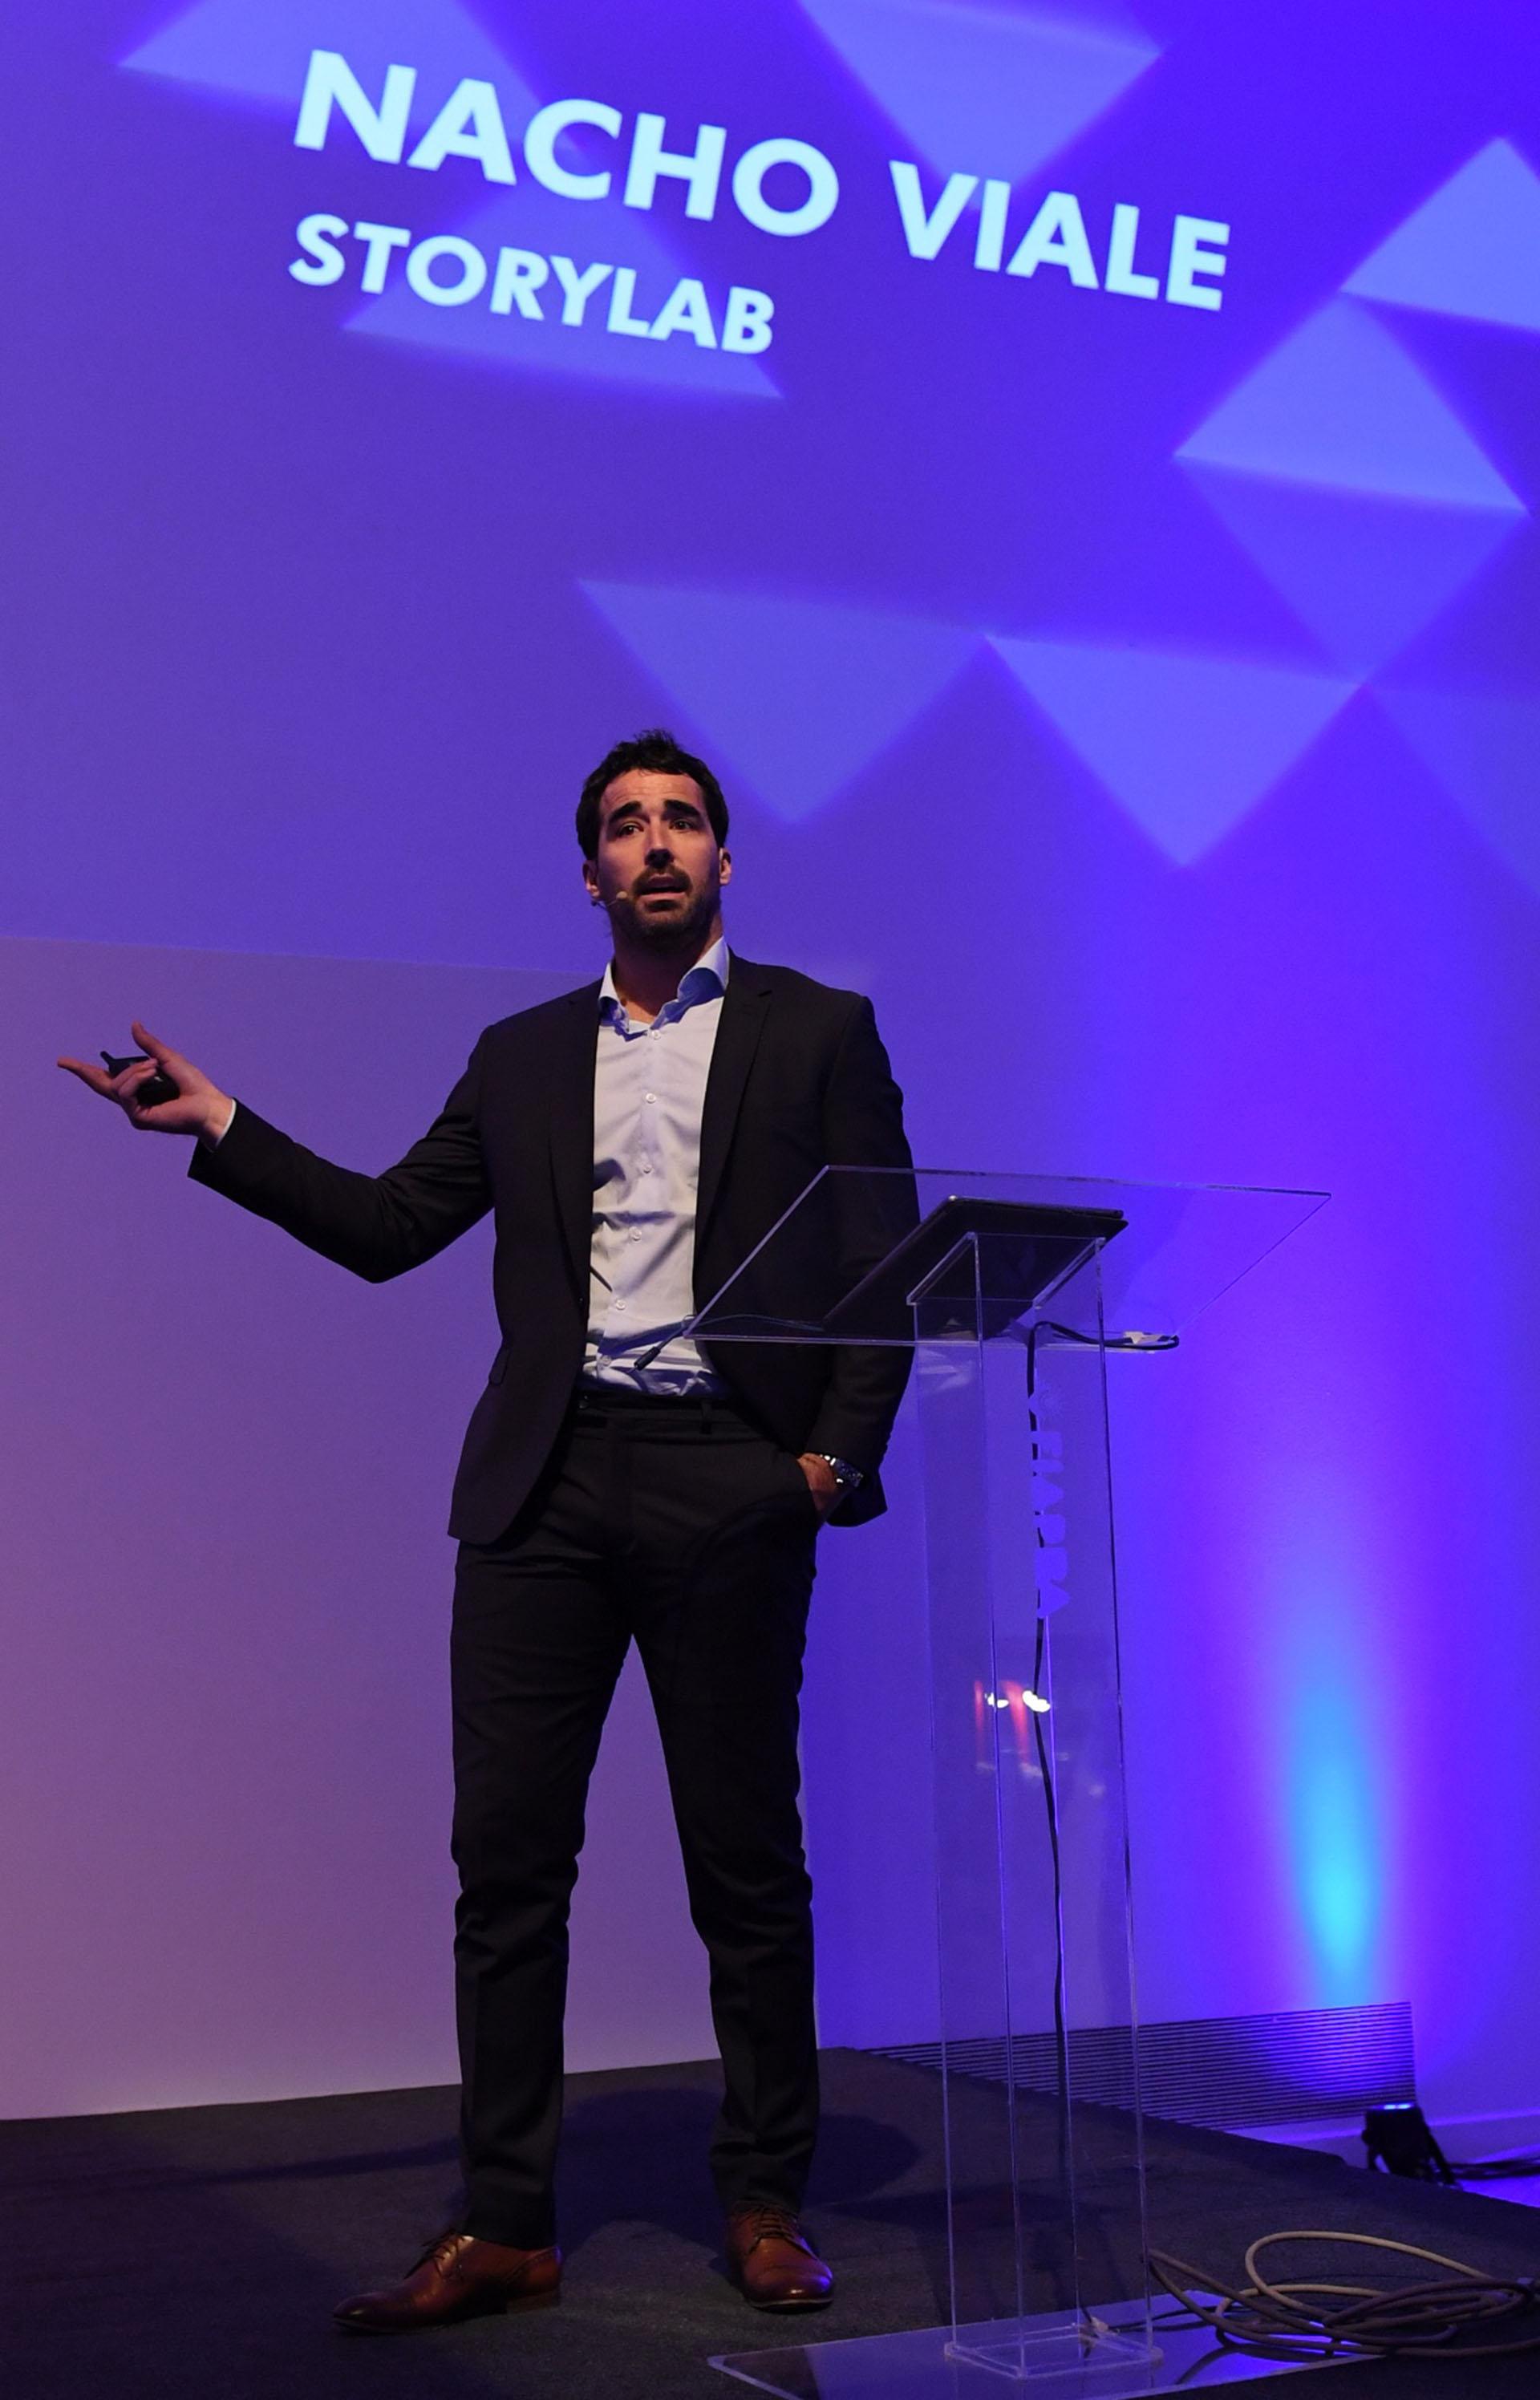 """""""La audiencia son aquellos que nos quieren y también los que nos odian, pero que nos consumen a través de otras plataformas"""", concluyó Nacho Viale"""